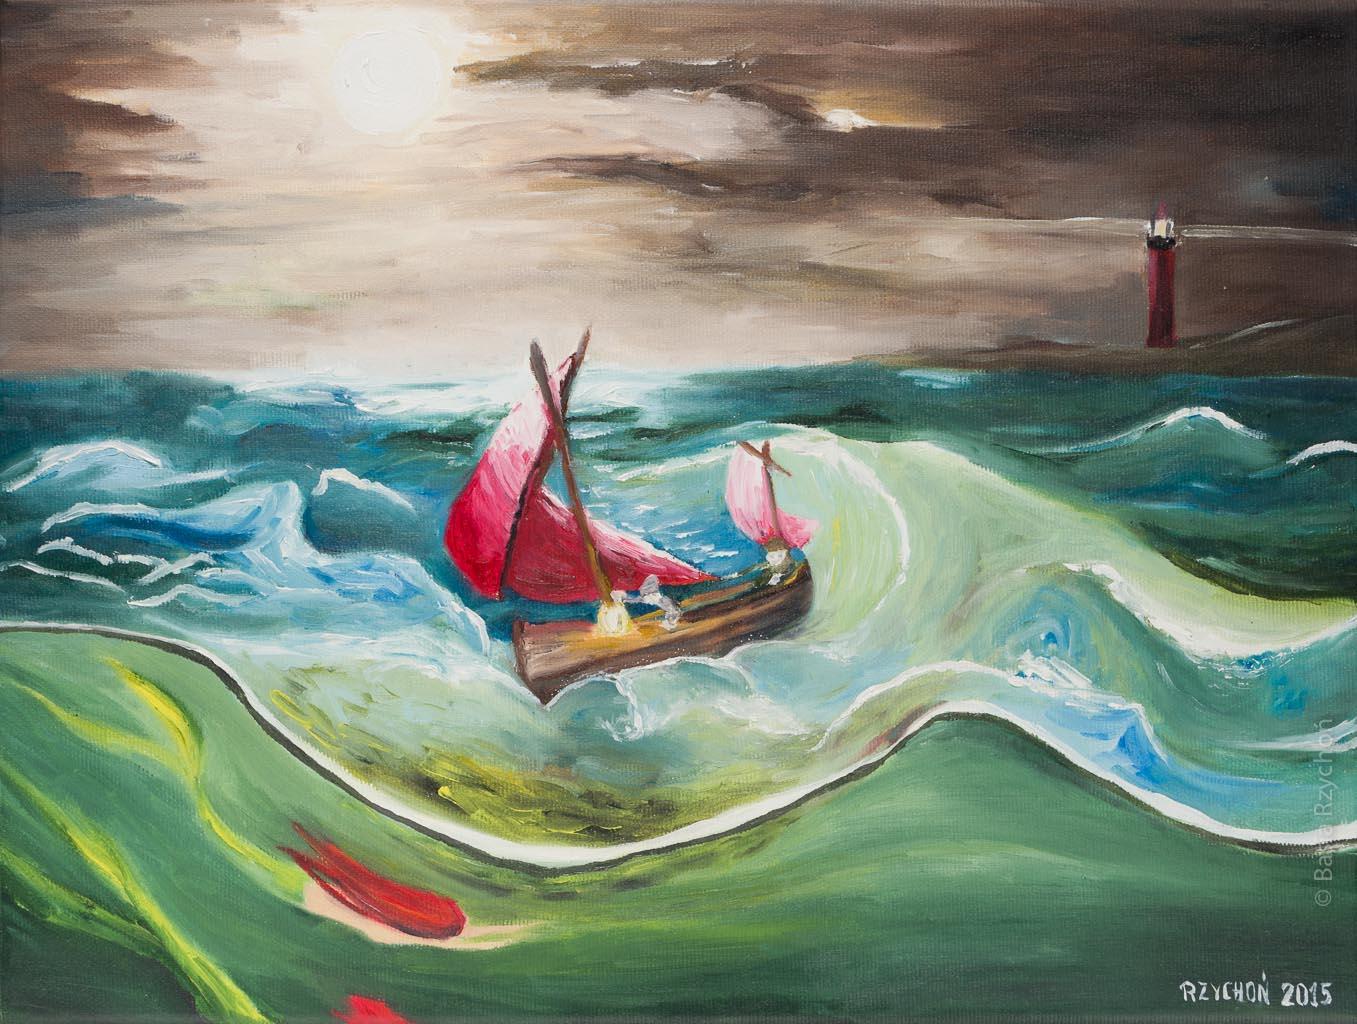 Syreny. Obraz olejny na płótnie, 40x30 cm, 2015. Obraz w kolekcji prywatnej.